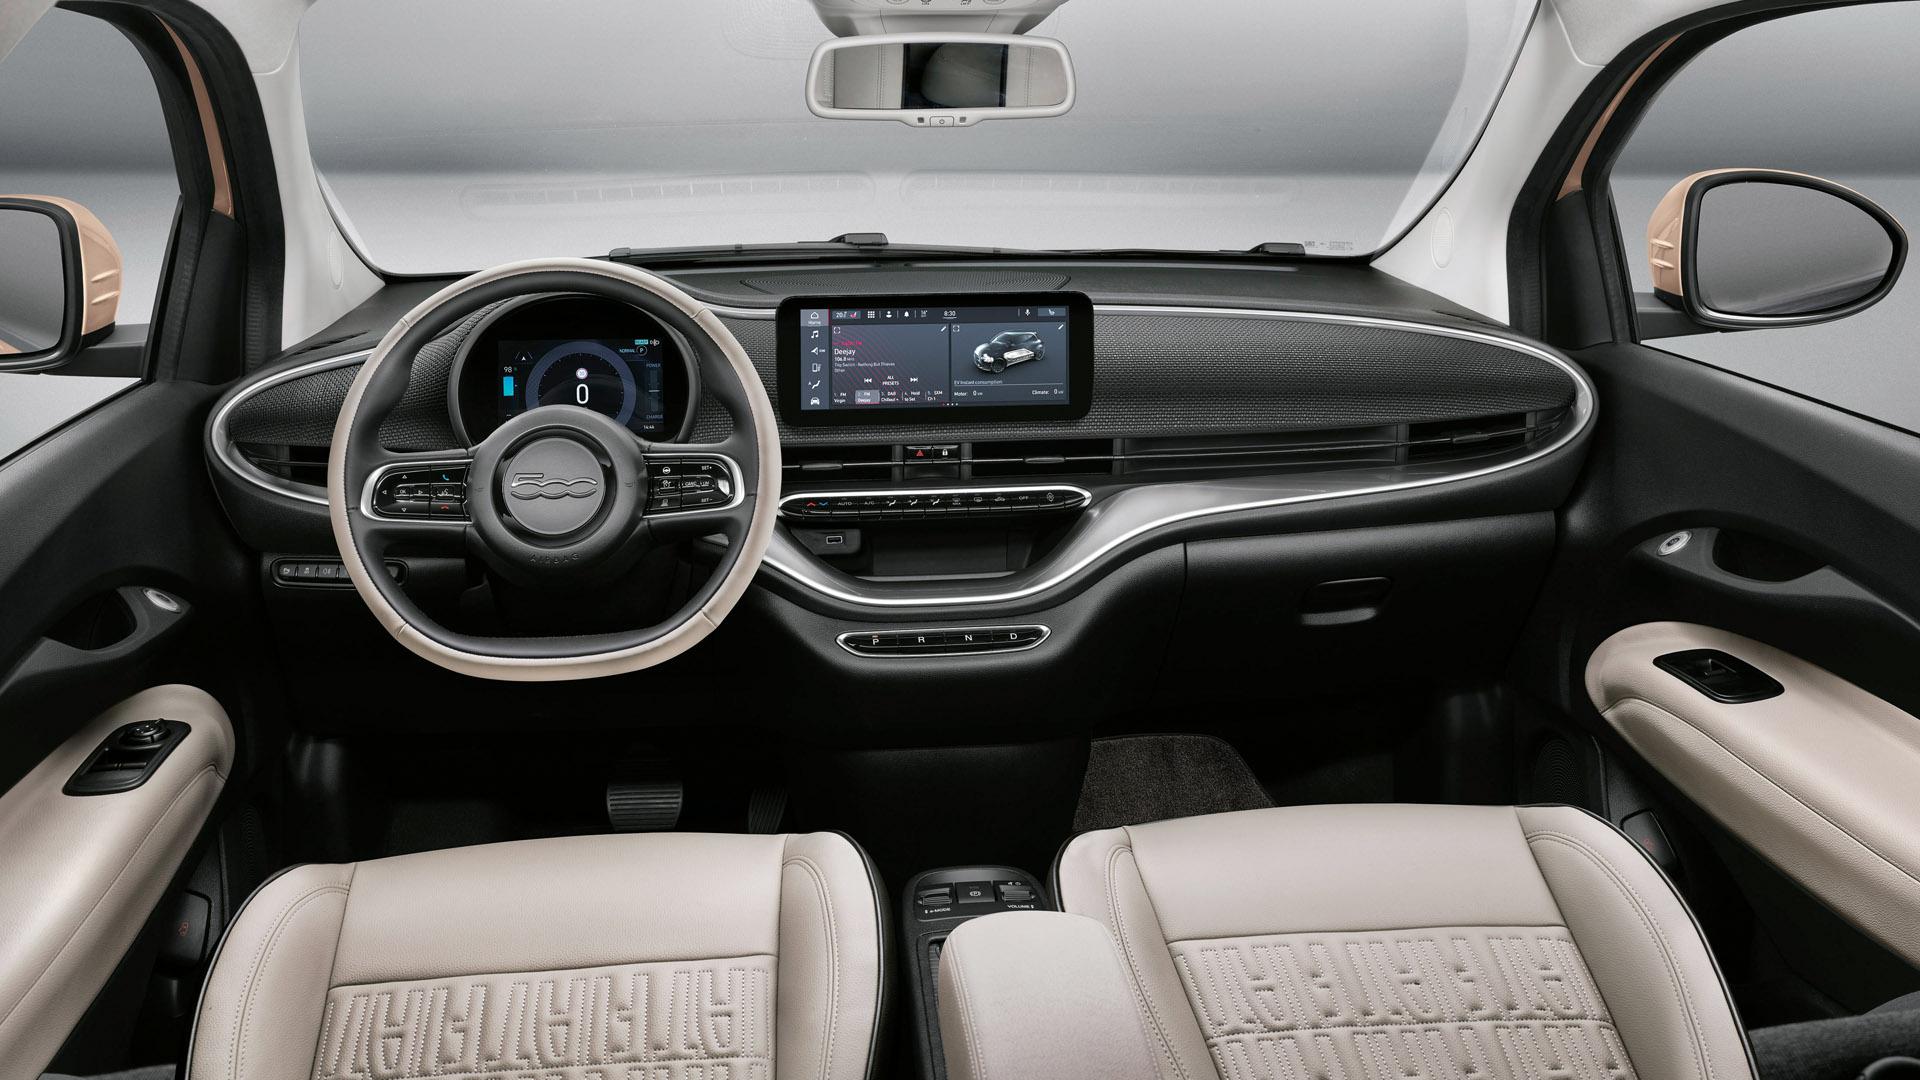 Fiat 500 Electric interior cabin